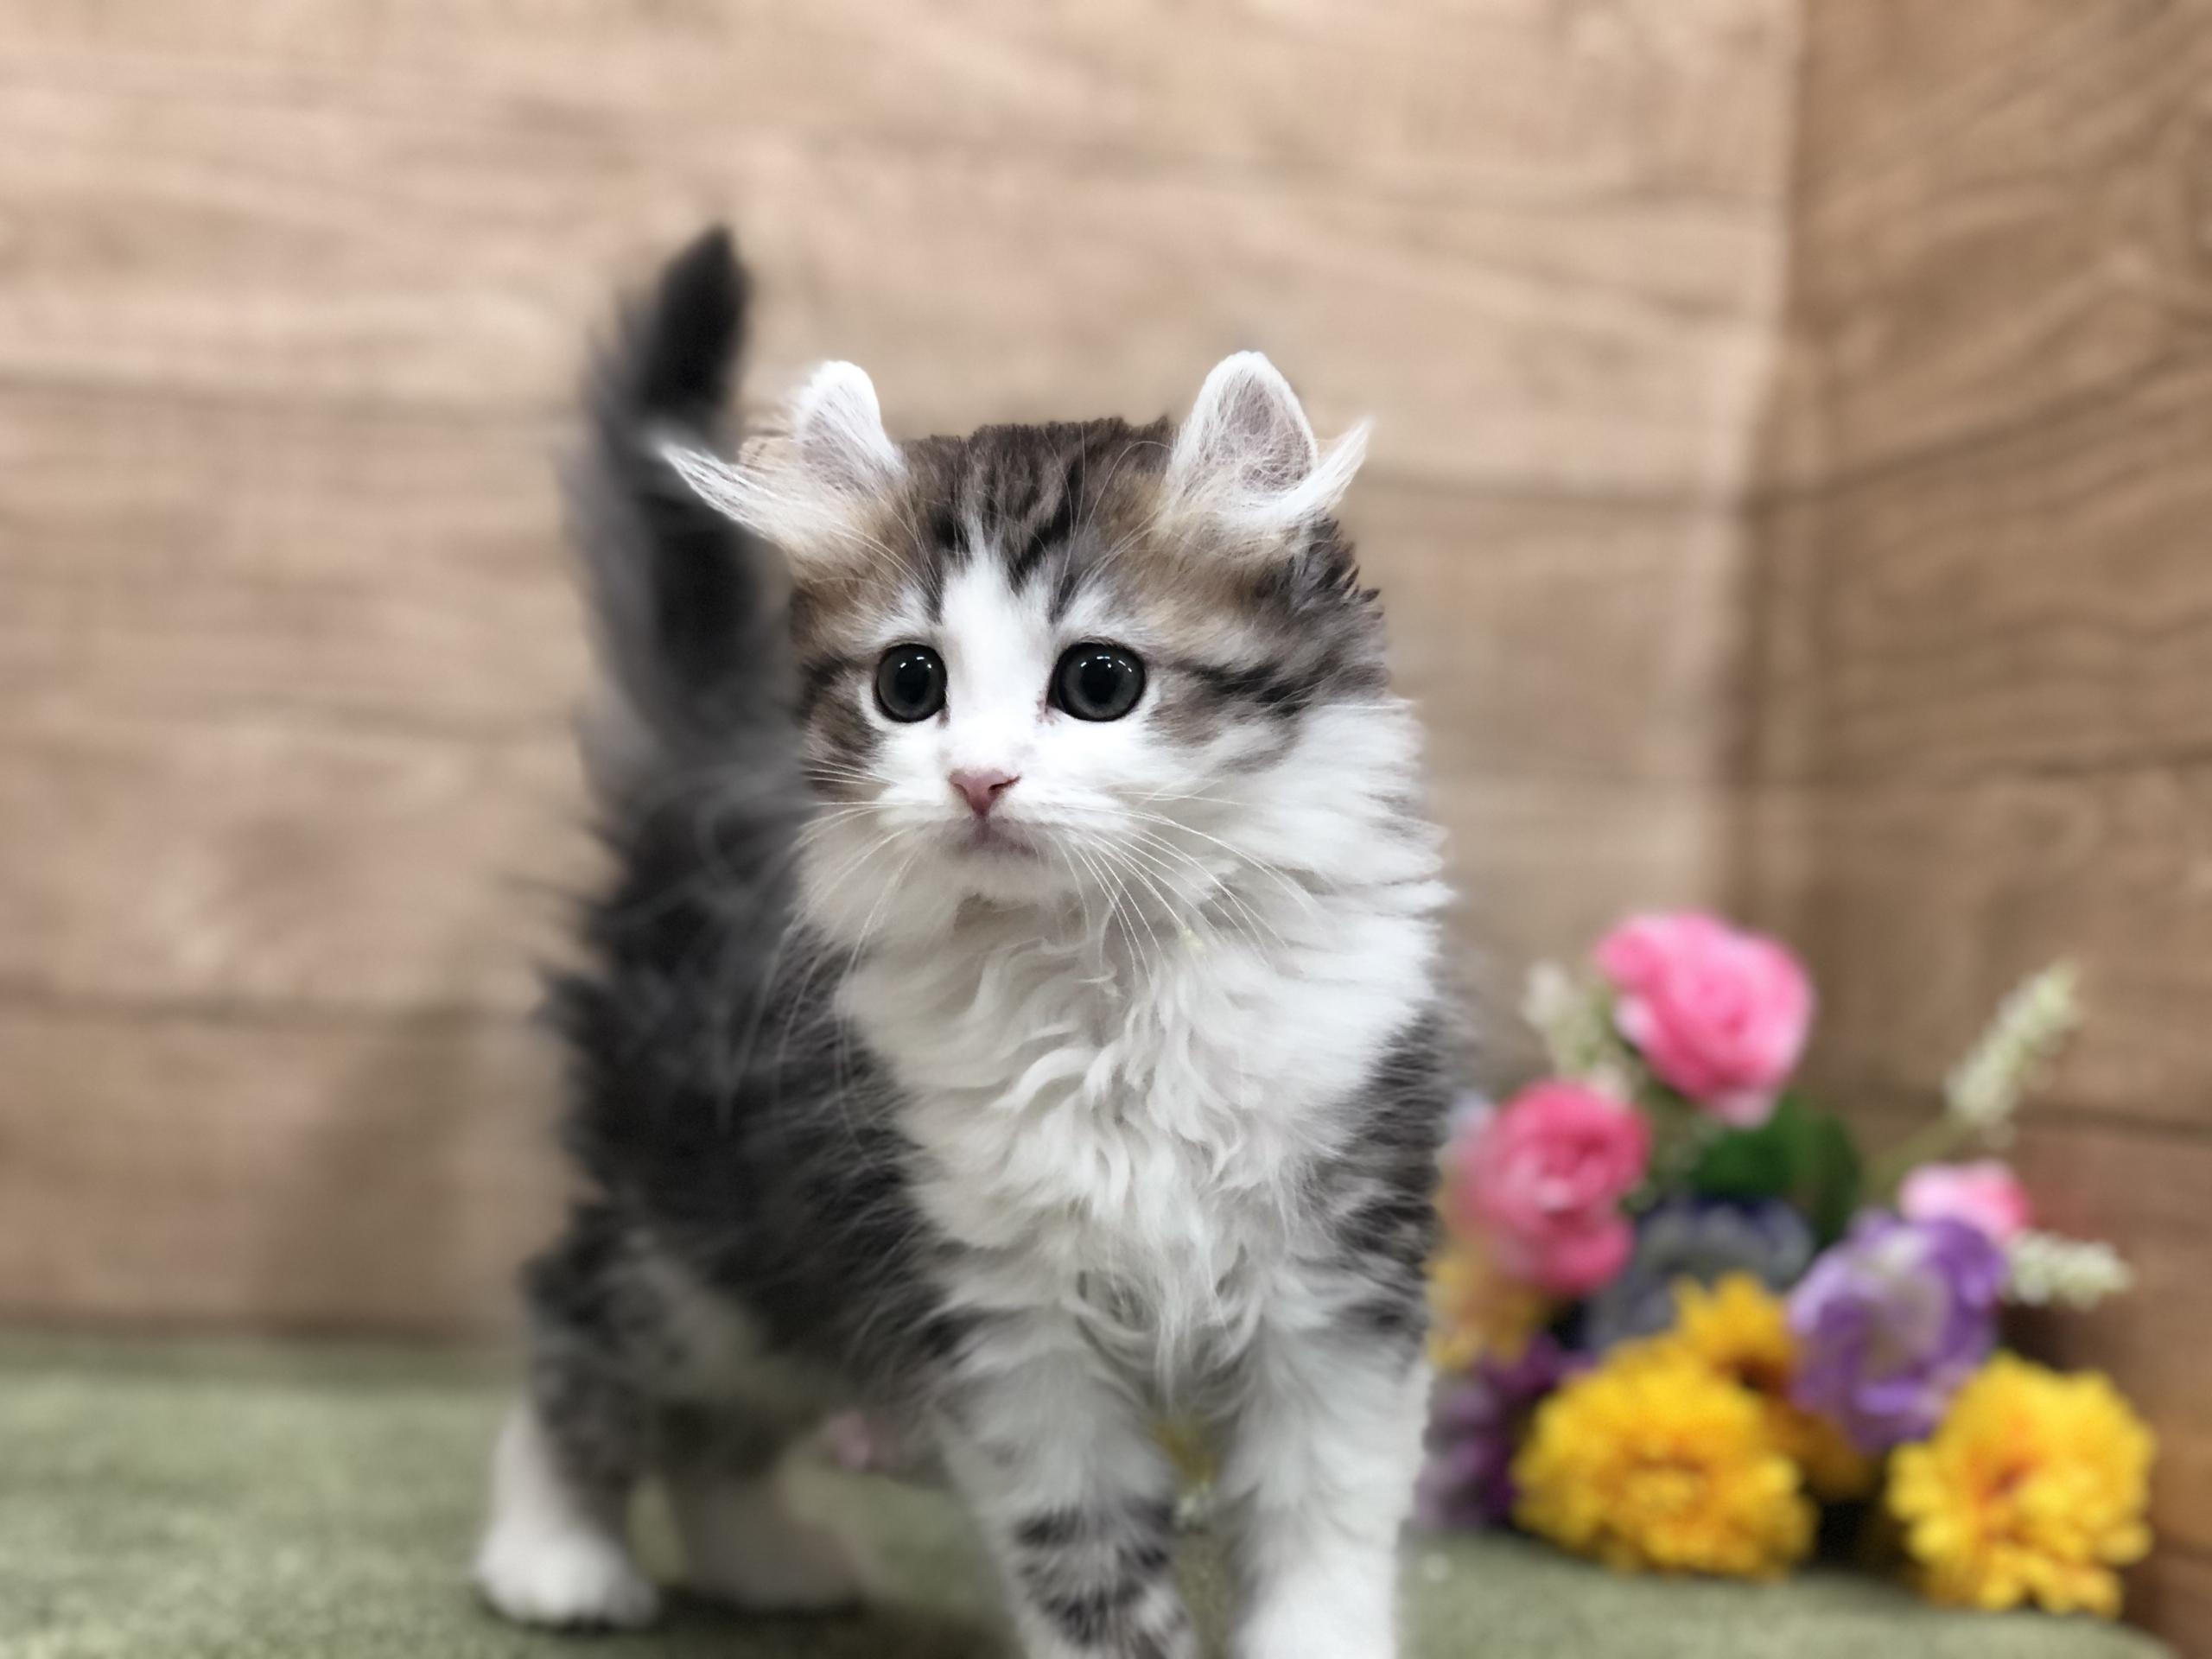 カール アメリカン 人気猫!アメリカンカールの可愛い写真20選まとめ!